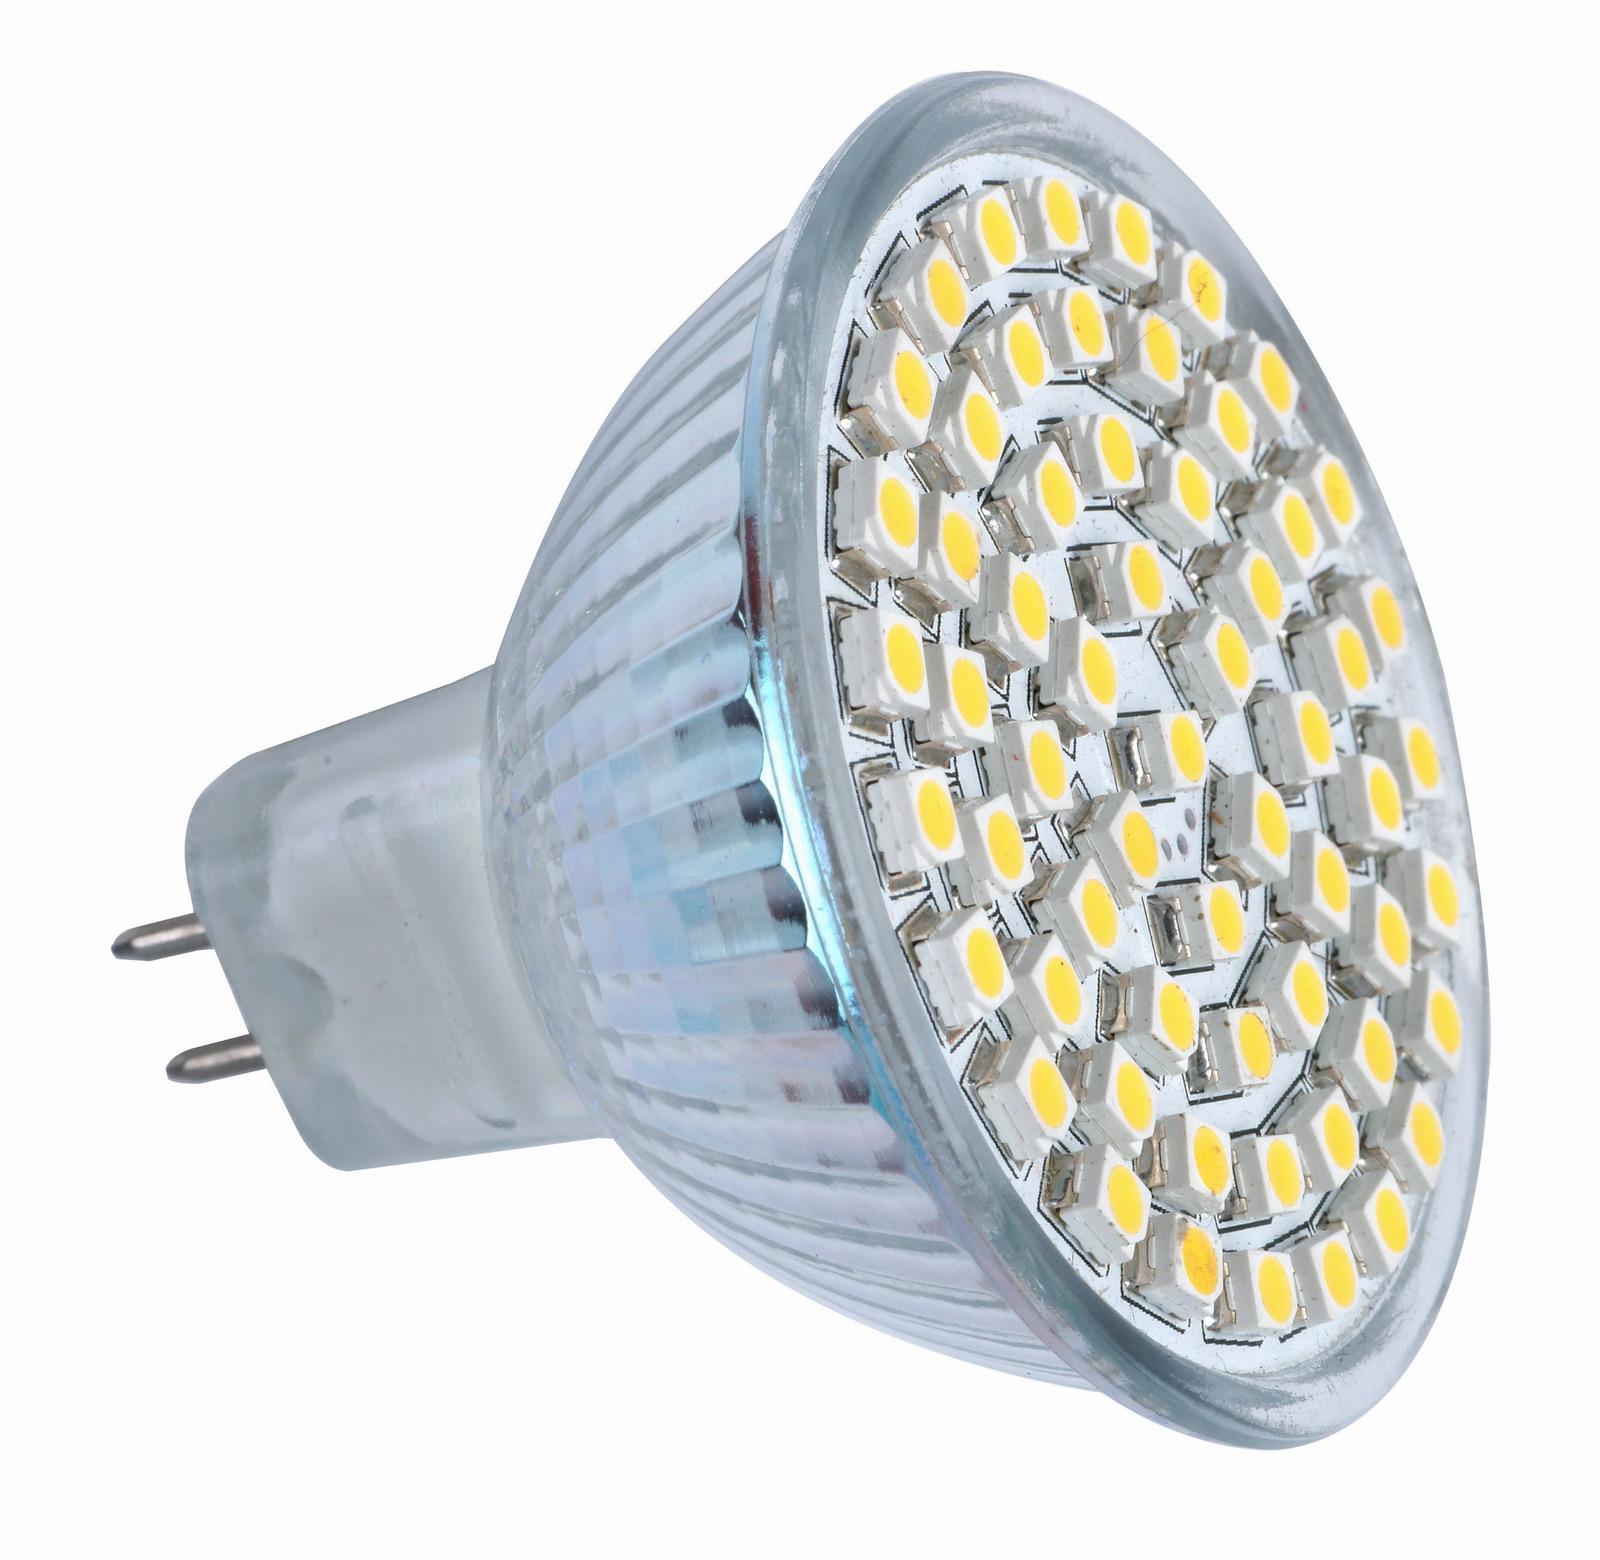 http://www.eneltec-led.com/LED-Lighting-Blog/wp-content/uploads/2012/04/ENRLA.jpg